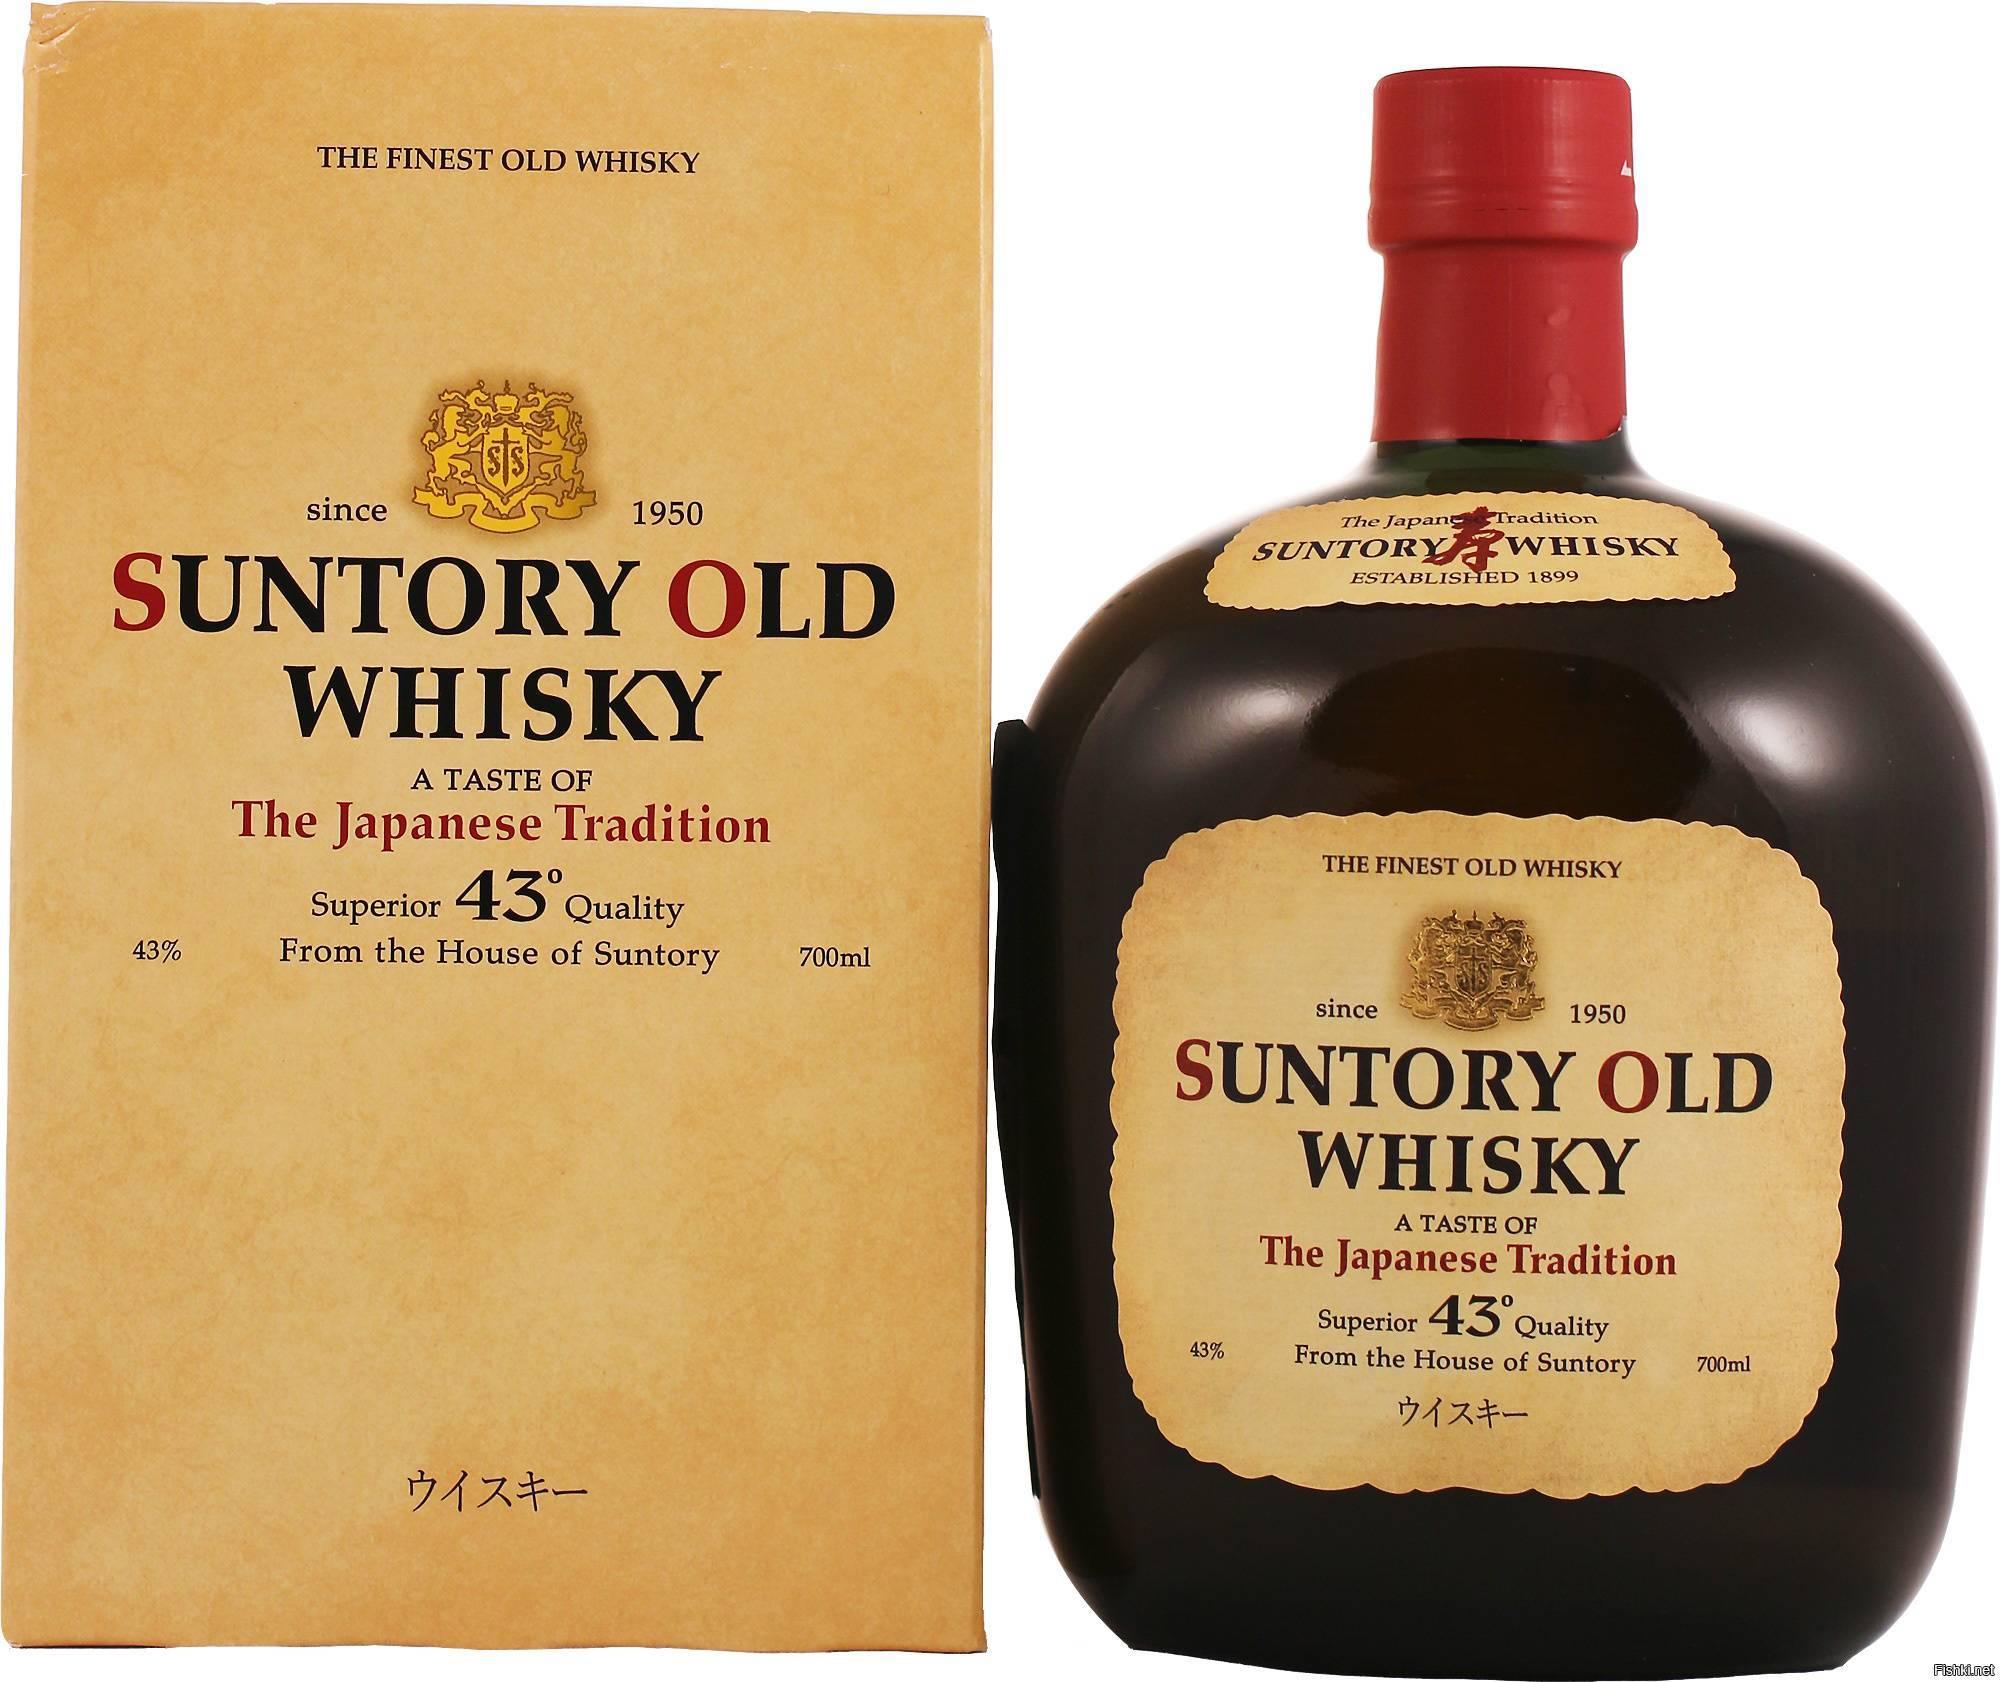 Виски сантори: разновидности японского напитка suntory, такие как old (олд), kakubin (какубин), royal (роял) и другие, история и особенности их производства | mosspravki.ru